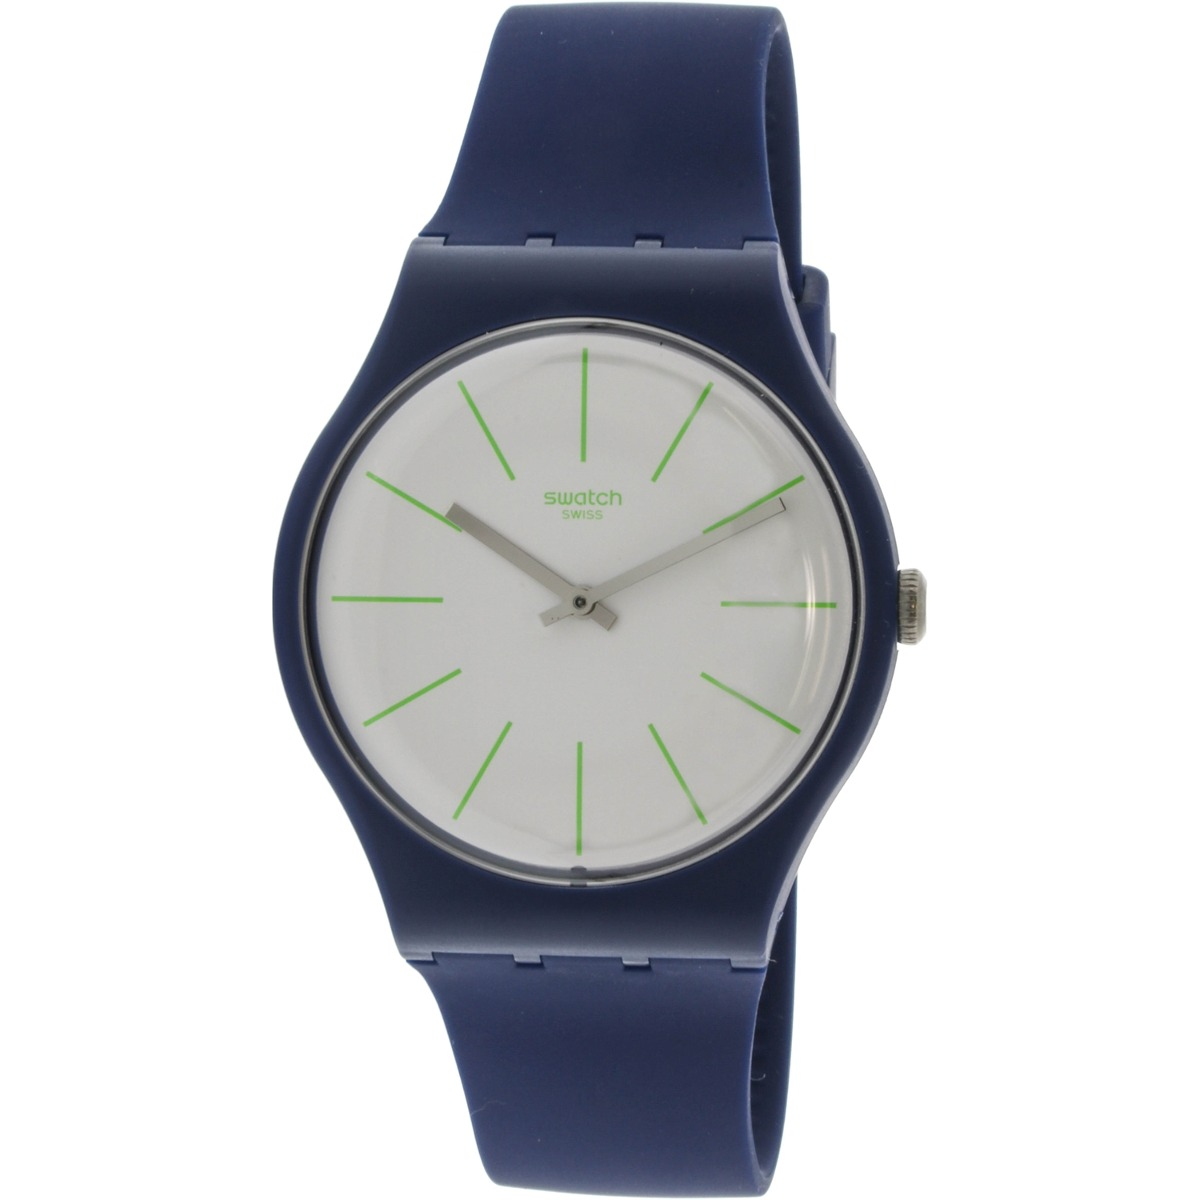 Cuarzo Bluesounds Reloj Swatch De Suizo Suon127 Wnnovm80 Silicona OZiTkXwluP